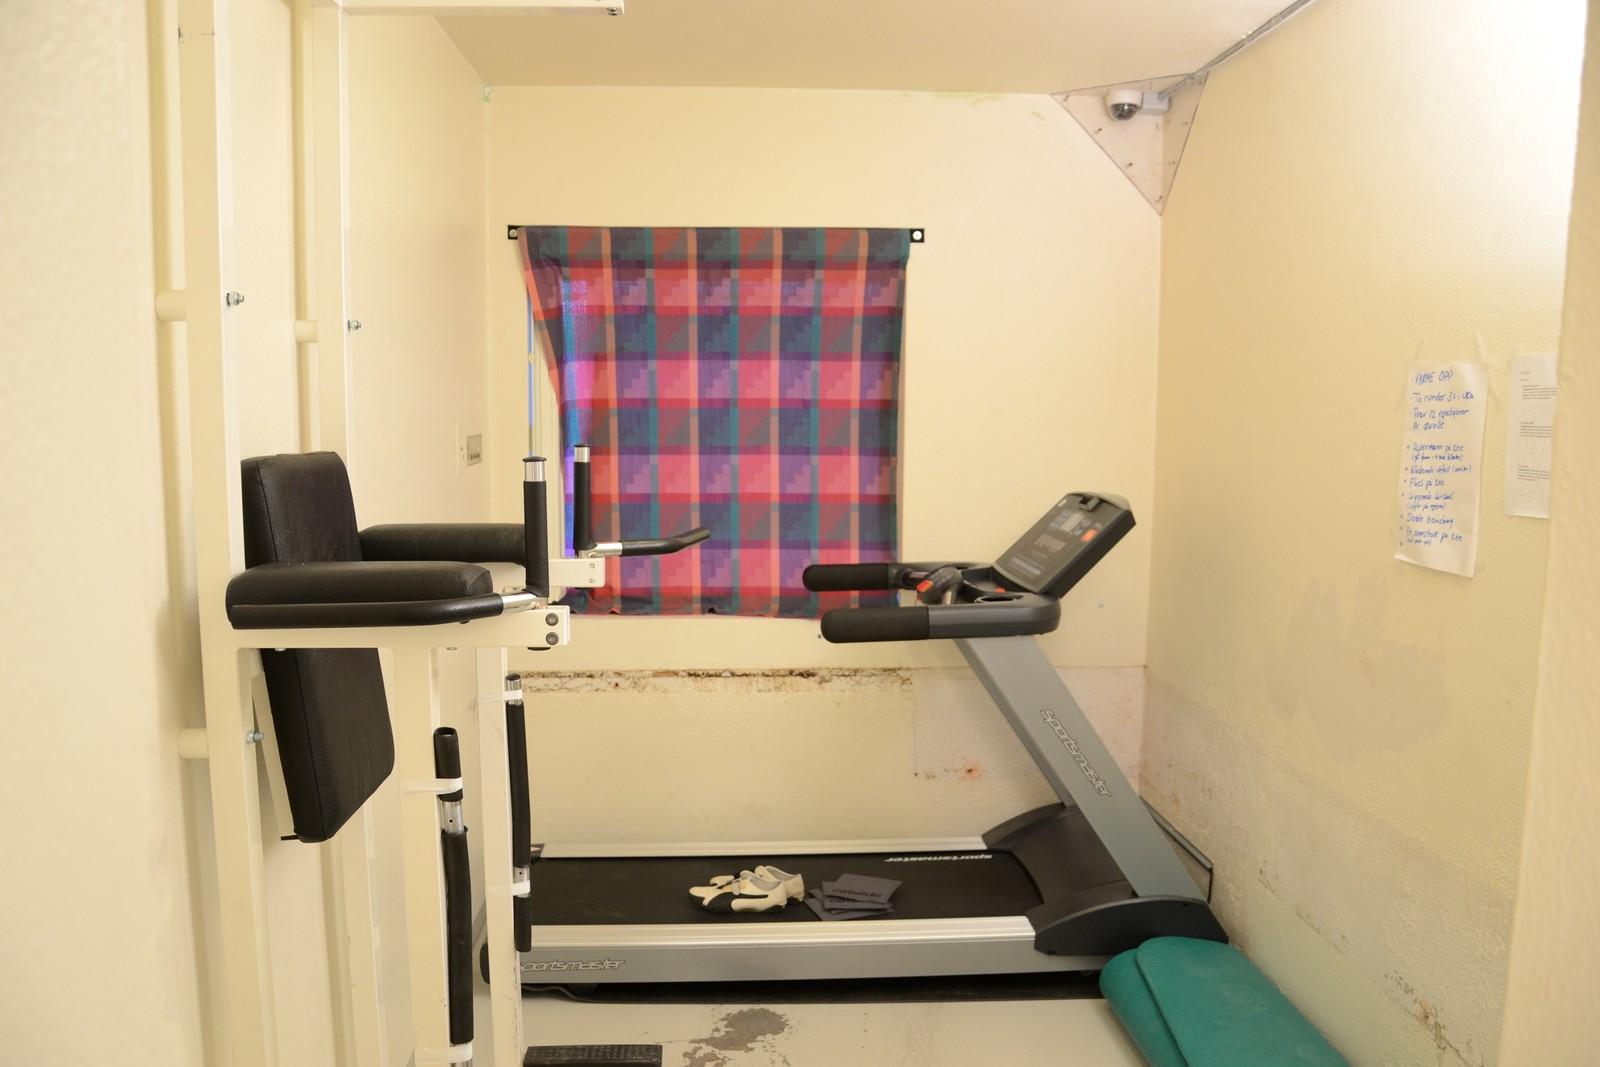 En av cellene massedrapsmannen disponerte på Ila var innredet som et treningsrom. Det var kun Breivik som disponerte dette rommet.